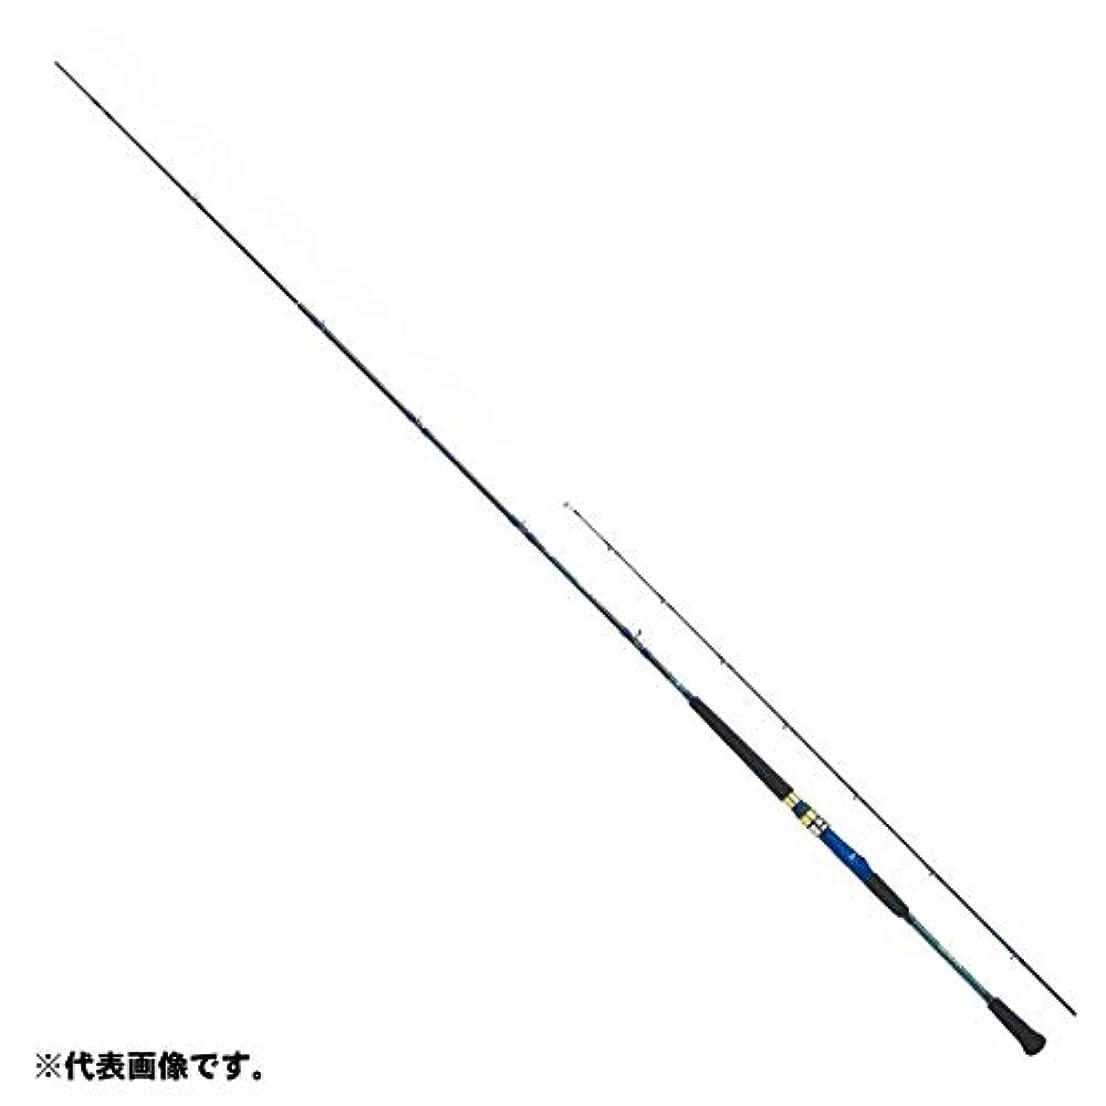 クラブパンフレット取り替えるダイワ(Daiwa) 船竿 ベイト アナリスター 64 50-235 釣り竿